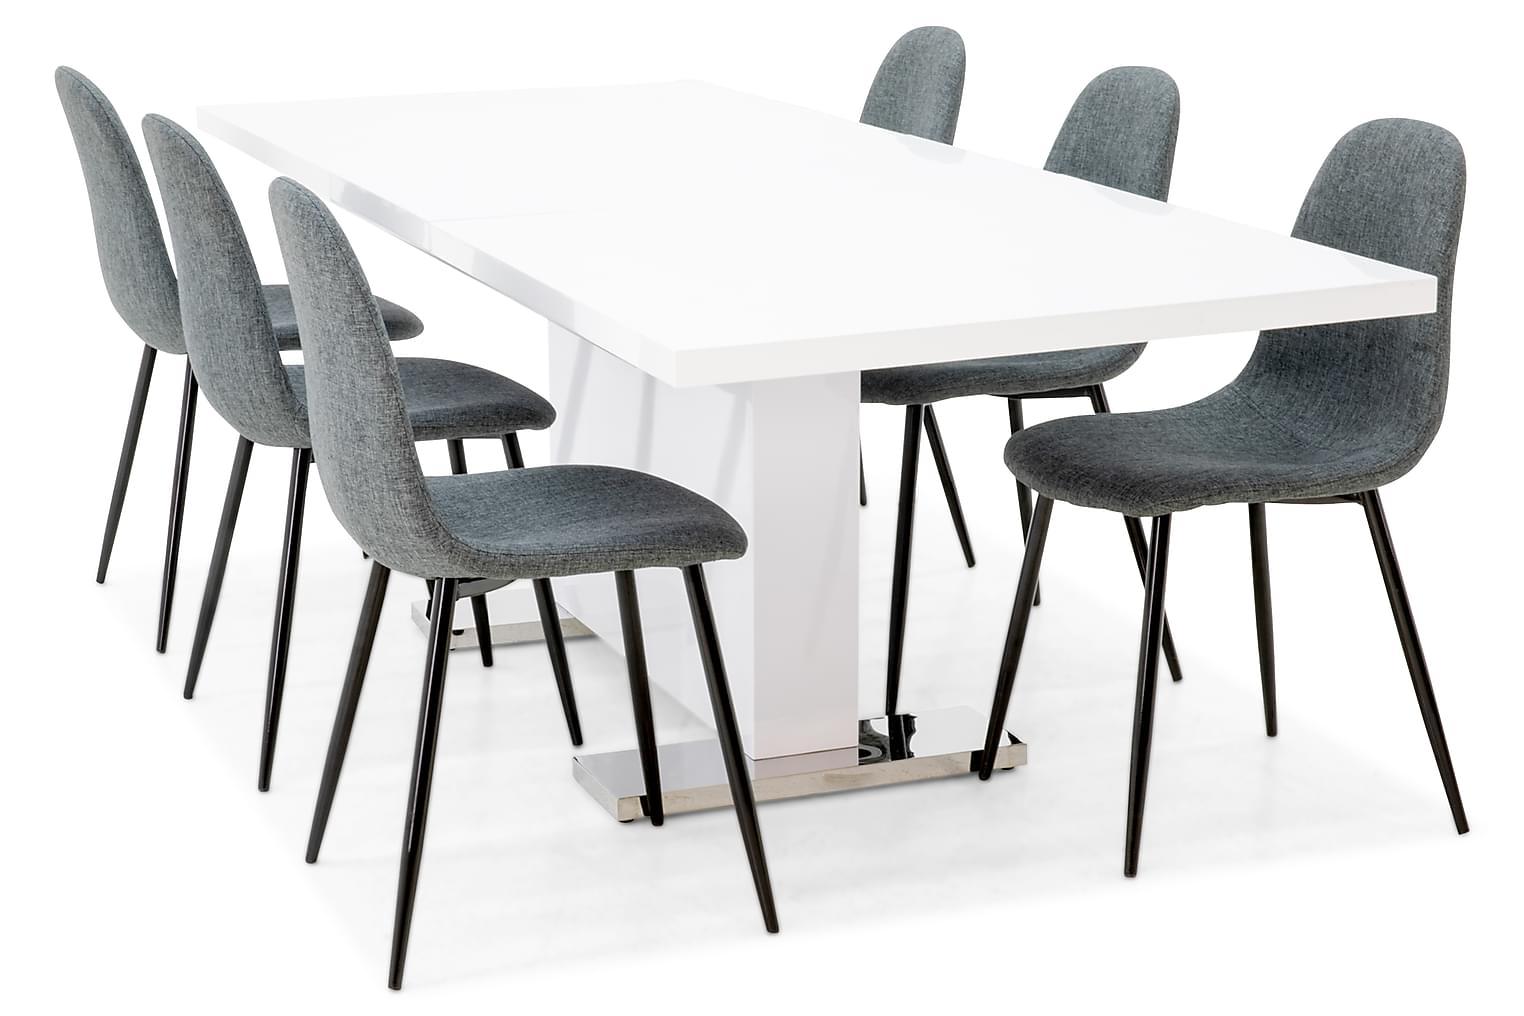 DUMAS Pöytä 180 Valkoinen + 6 NIKOLAS Tuolia Musta/harmaa